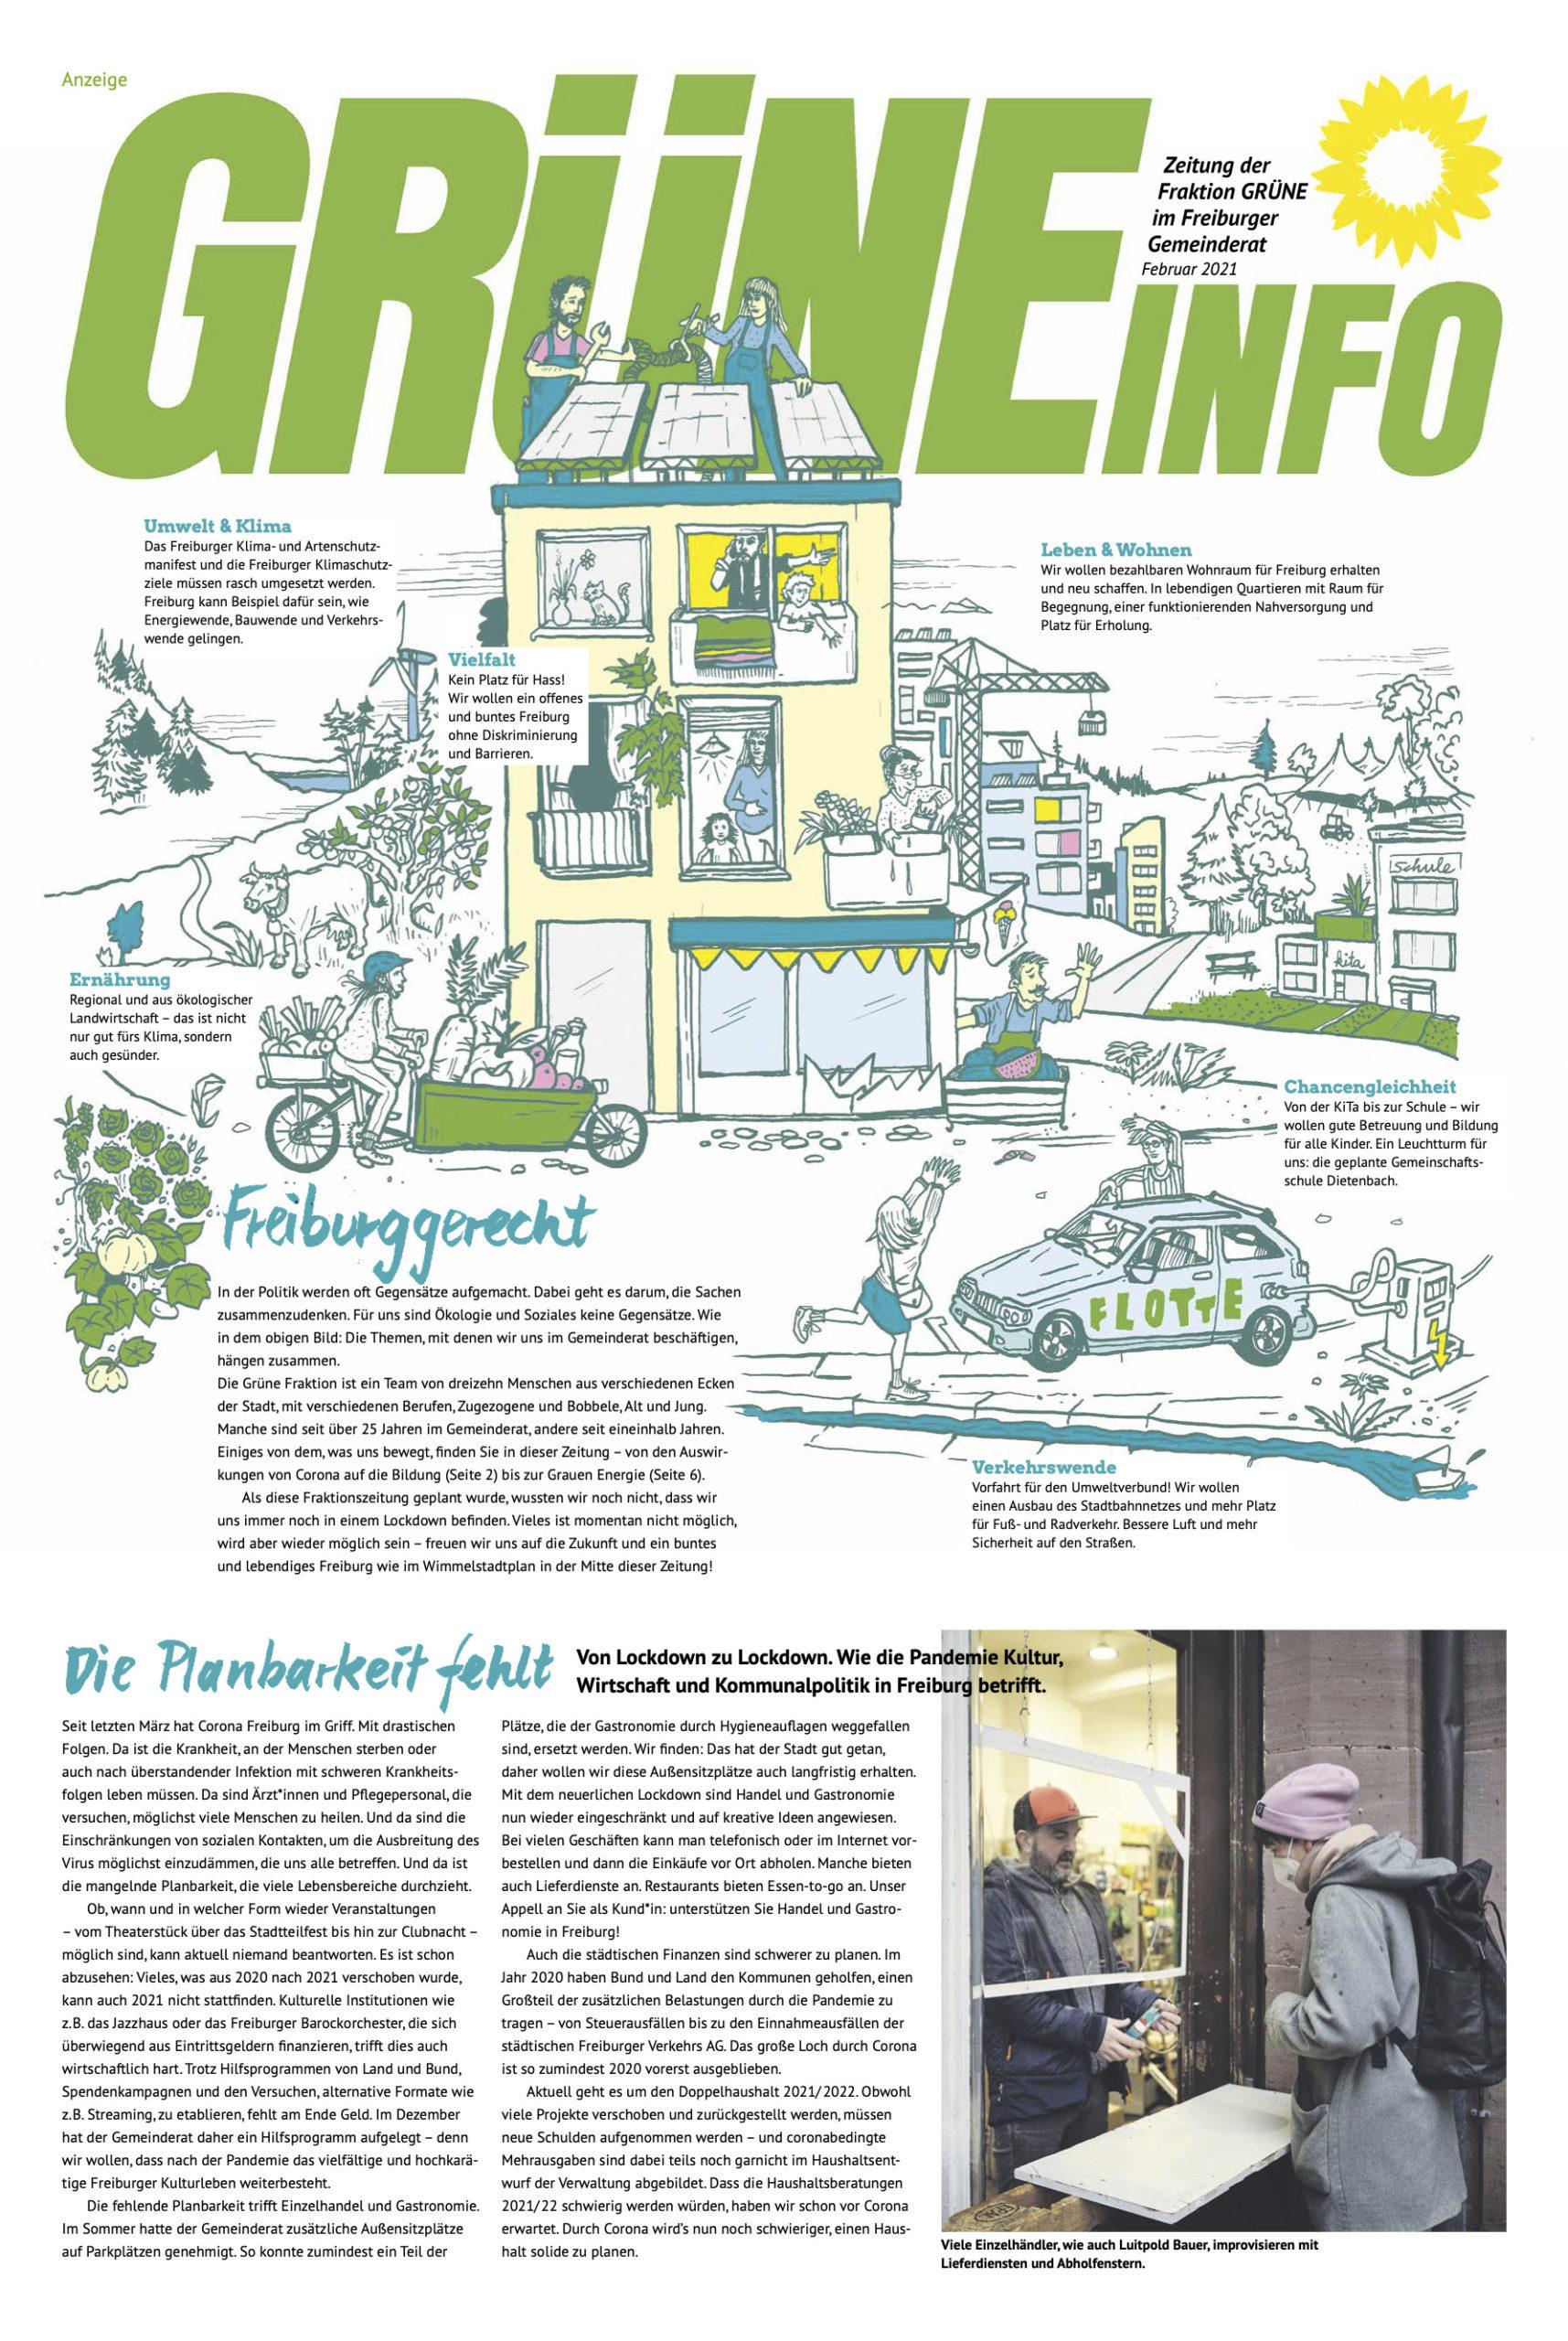 Die Grüne Fraktionszeitung